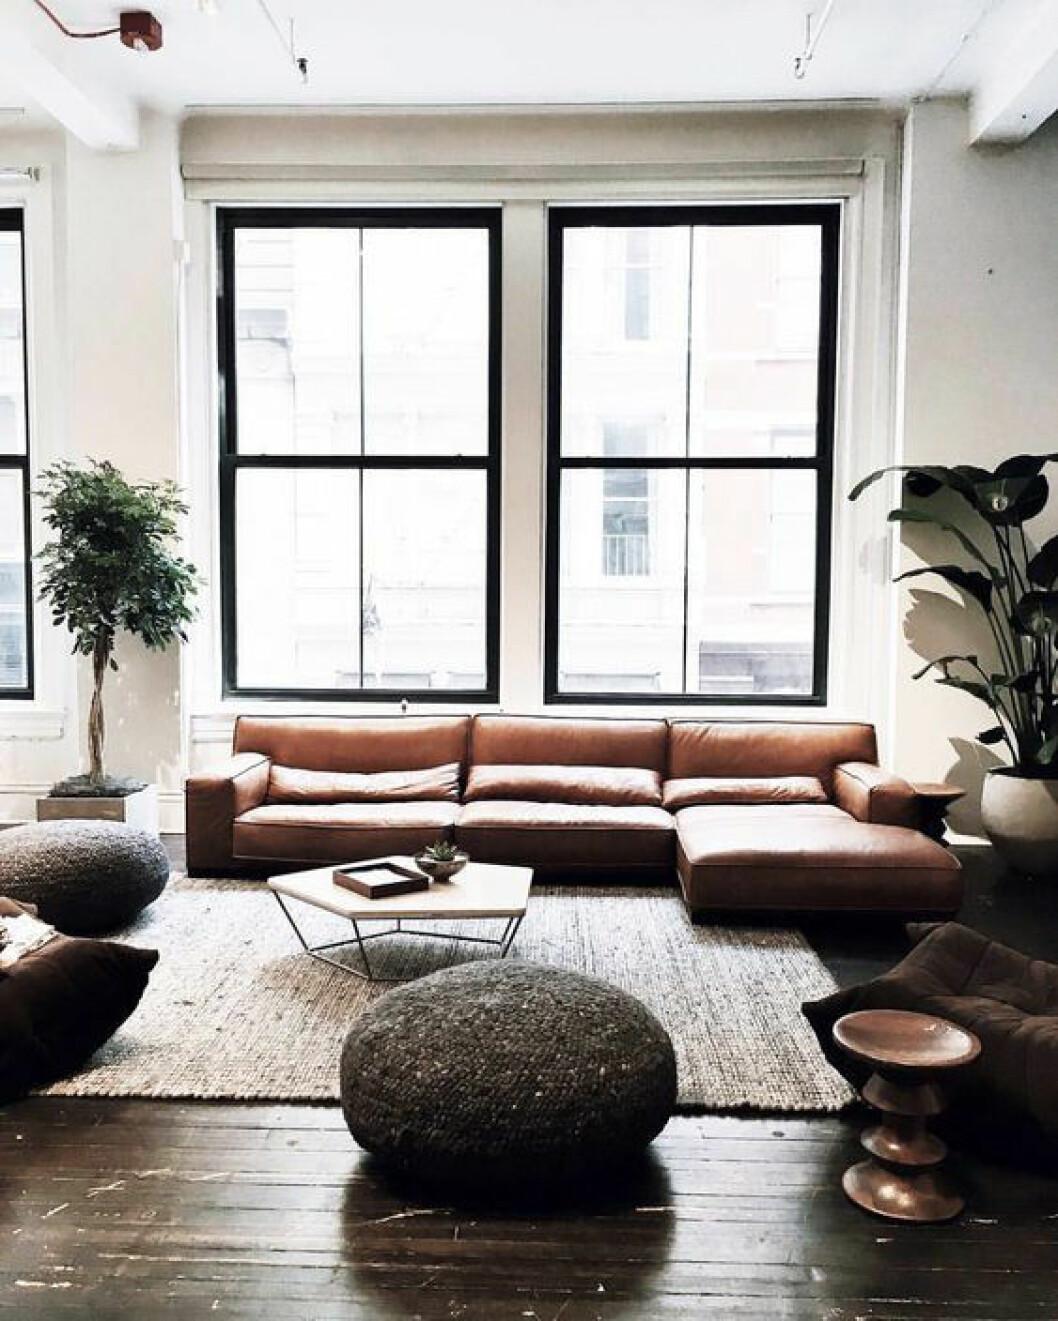 Svarta fönster mot en cognacfärgad soffa